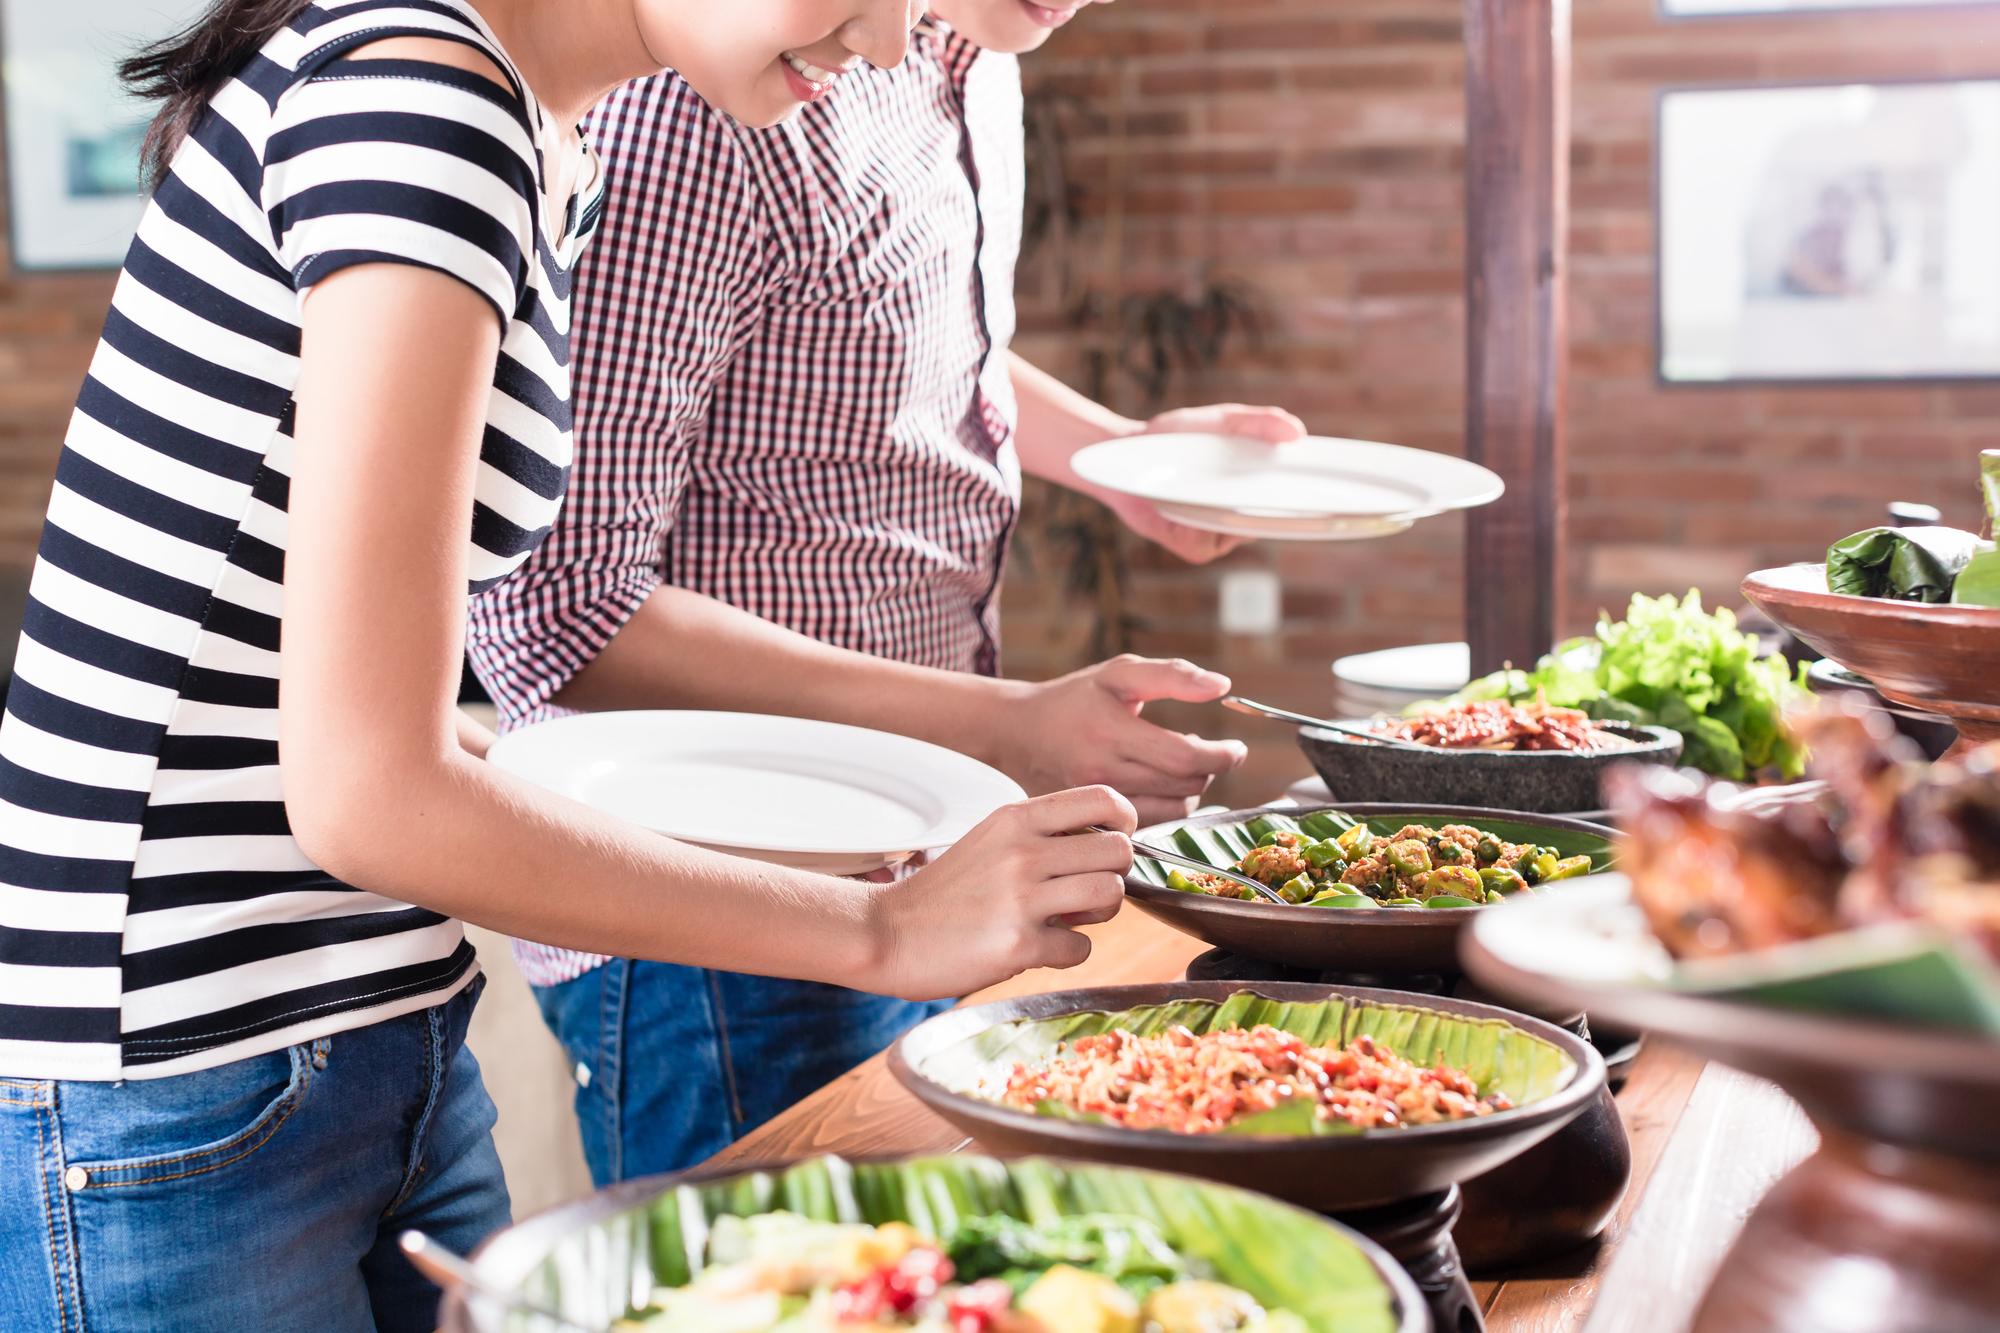 ビュッフェ料理を皿に取る人